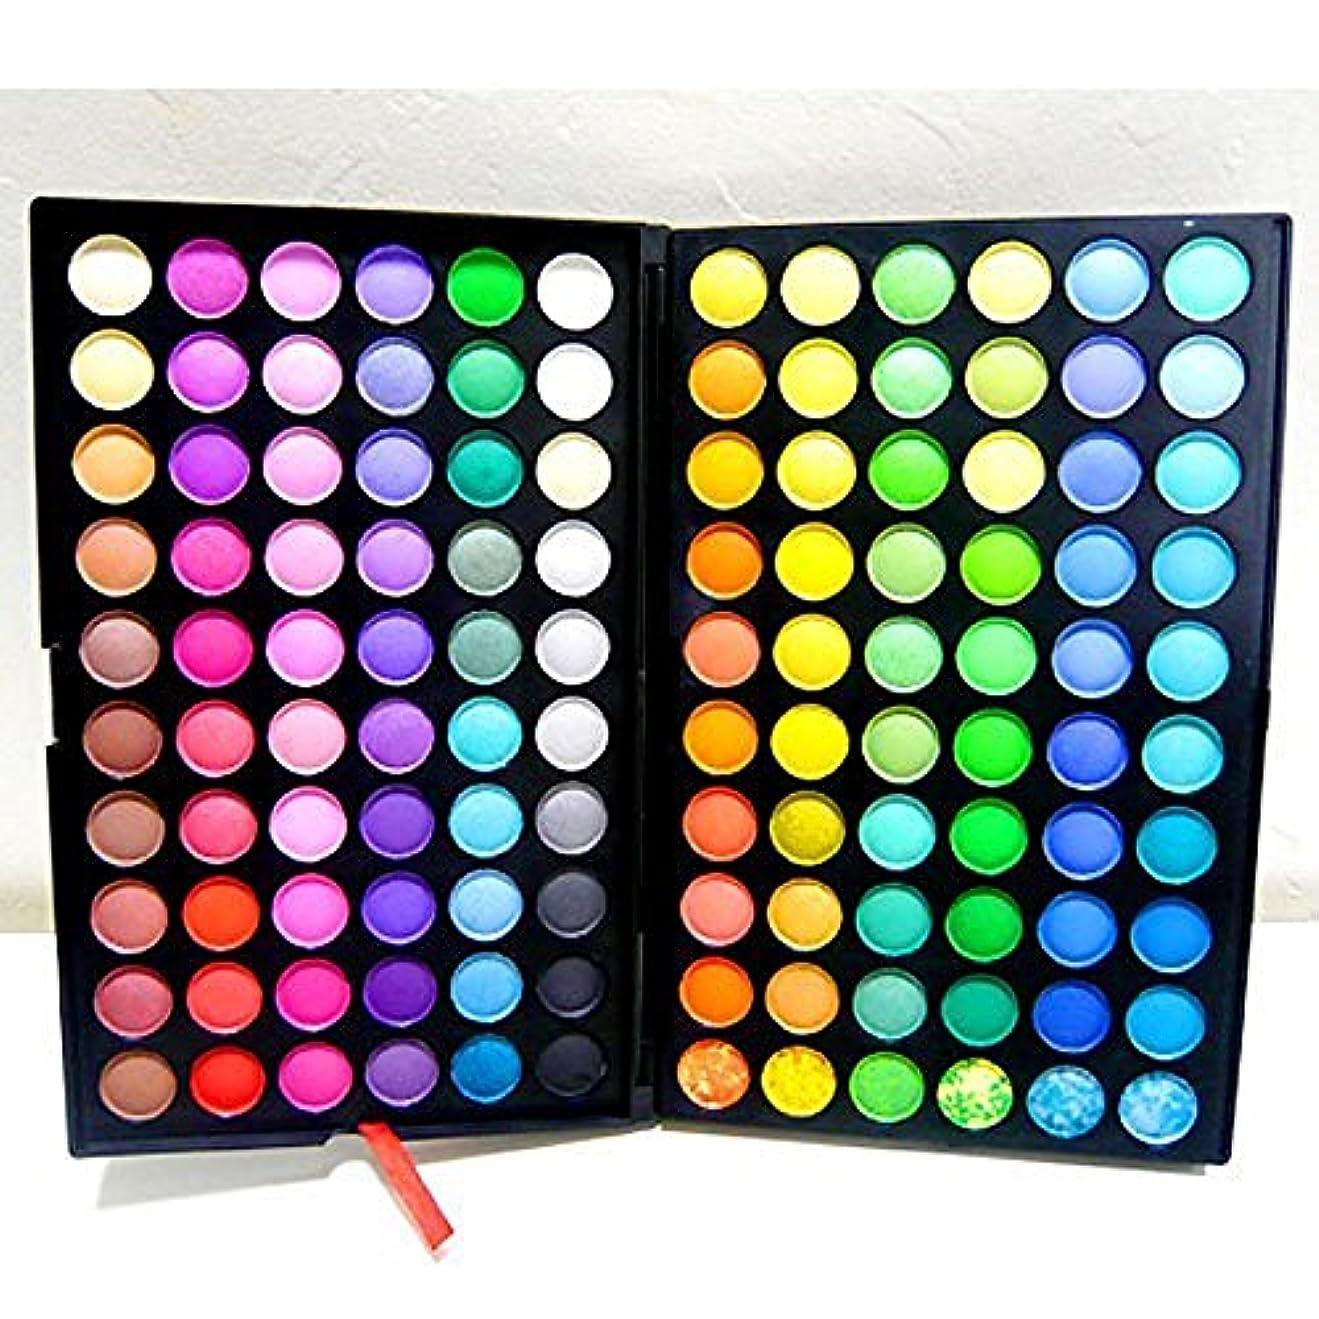 ブレイズに対応する両方入荷しました【LuxuryRose】発色が素晴らしい!120カラーアイシャドウパレット